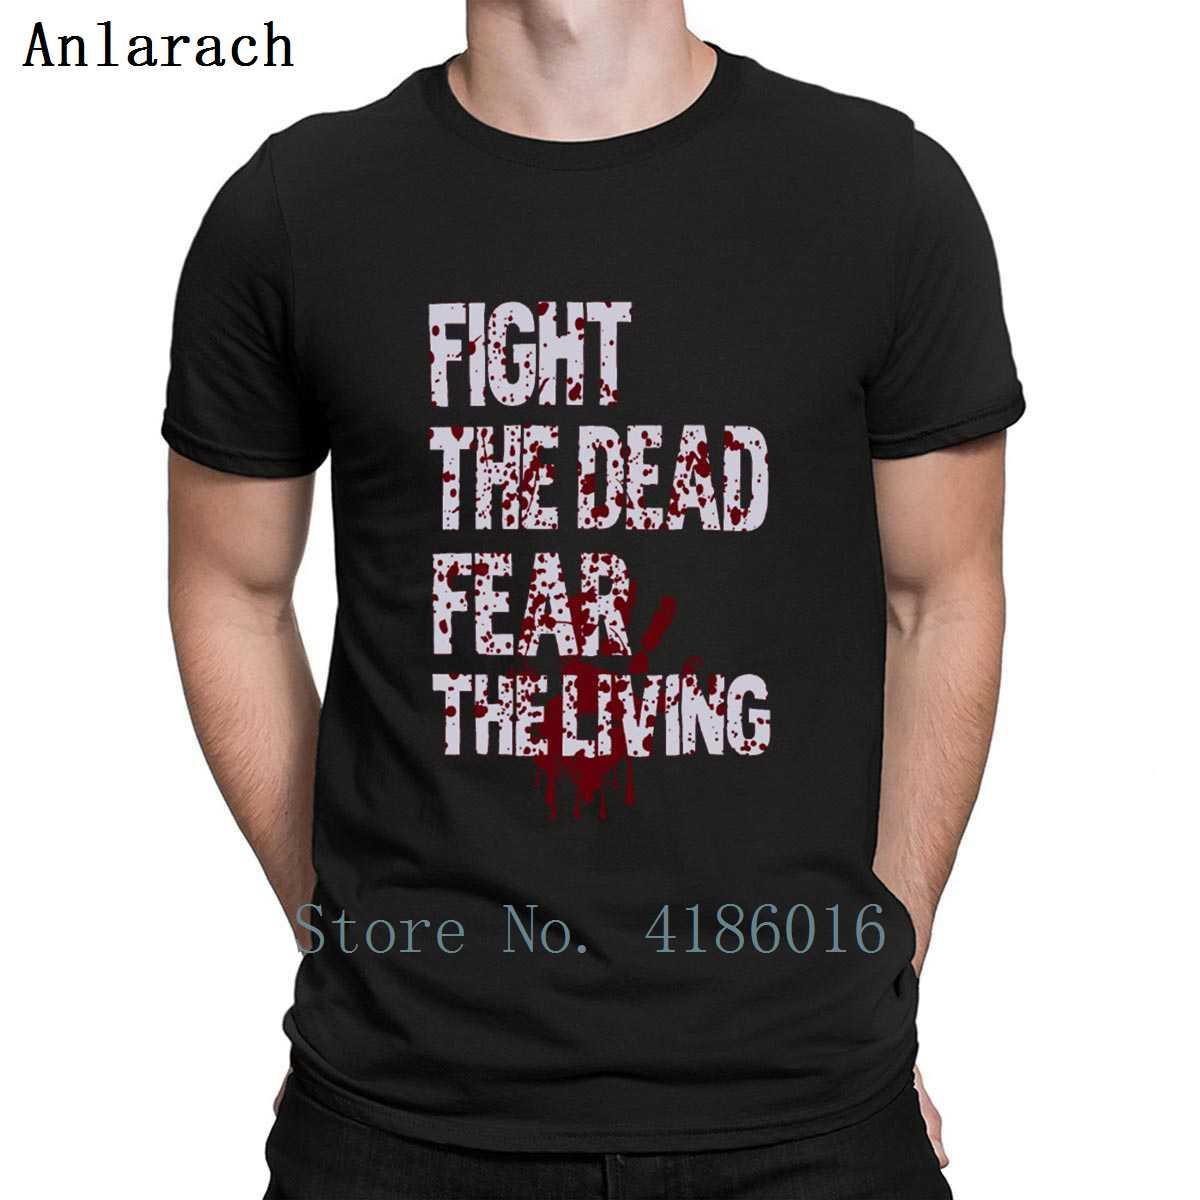 Ölü Dövüş Ölü Korku Yaşayan Tişörtlü Pamuk S-5XL Boş Grafik Yaz Gömlek Soğuk Baskı komik